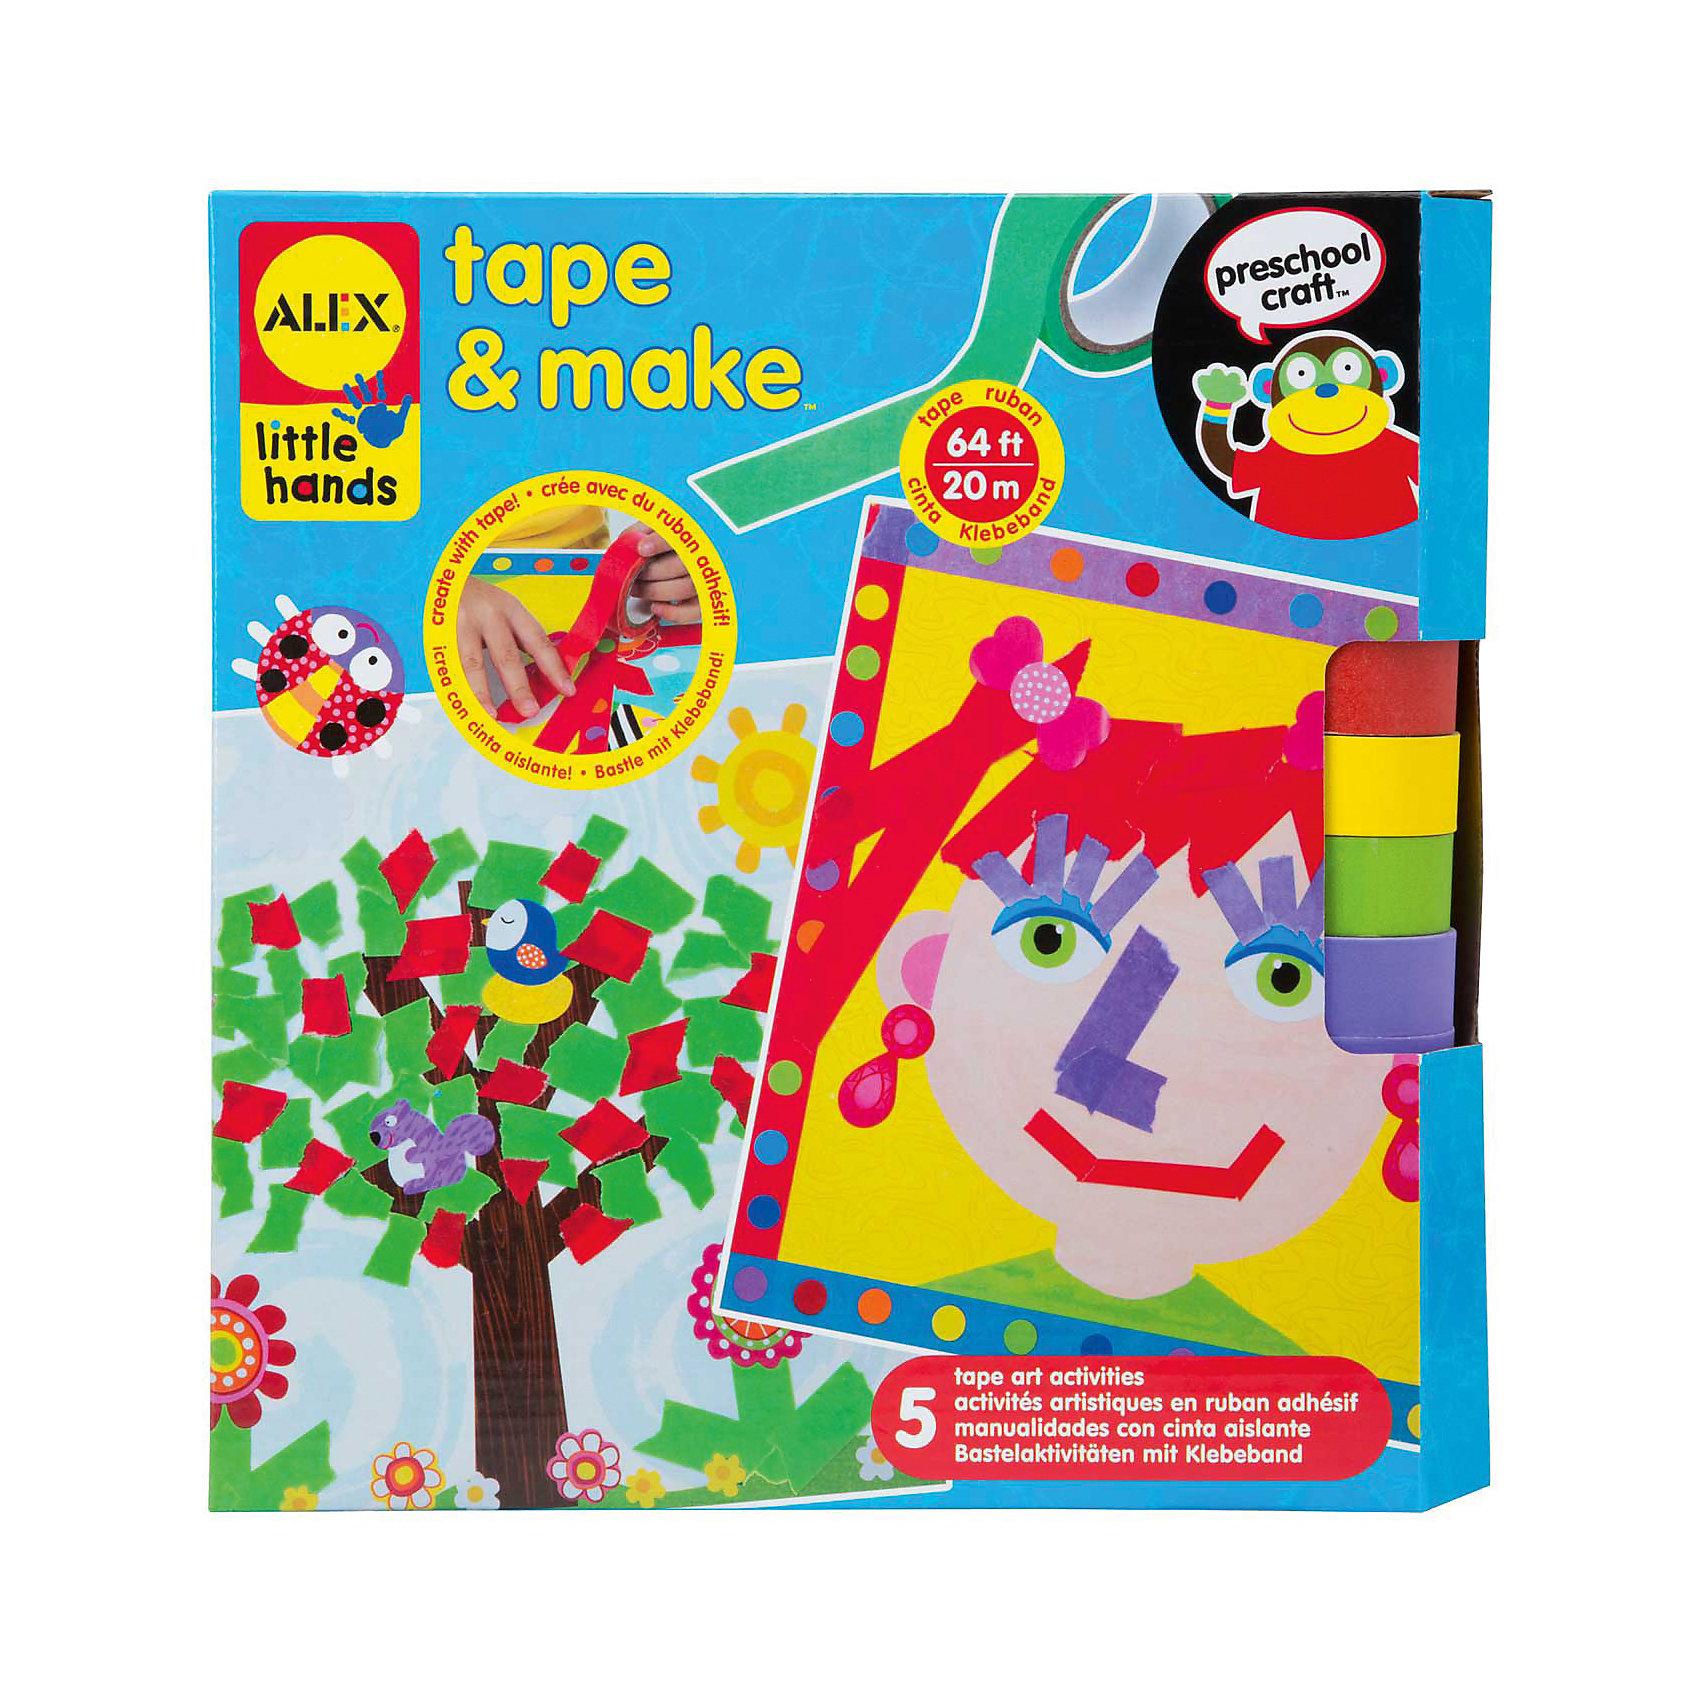 Аппликации из разноцветных лент, ALEXАппликации из разноцветных лент,ALEX (Алекс) – это набор для создания 5-ти больших красочных аппликаций удивительным способом - из кусочков цветных лент на клейкой основе и из готовых стикеров. Разноцветные ленты можно разрезать и склеивать как угодно, проявляя фантазию! Ваш ребенок будет создавать картины по своему выбору и на свой вкус. <br>Набор развивает фантазию, мышление, мелкую моторику.<br><br>Дополнительная информация:<br><br>- В наборе: 5 картонных основ с забавными картинками, клейкая лента 4 ярких цветов в рулонах - всего 20 м, 126 стикеров<br>- Размер упаковки: 254х250х60 мм.<br>- Вес: 454 гр.<br><br>Набор «Аппликации из разноцветных лент», ALEX (Алекс) можно купить в нашем интернет-магазине.<br><br>Ширина мм: 254<br>Глубина мм: 250<br>Высота мм: 60<br>Вес г: 454<br>Возраст от месяцев: 36<br>Возраст до месяцев: 72<br>Пол: Унисекс<br>Возраст: Детский<br>SKU: 3747451